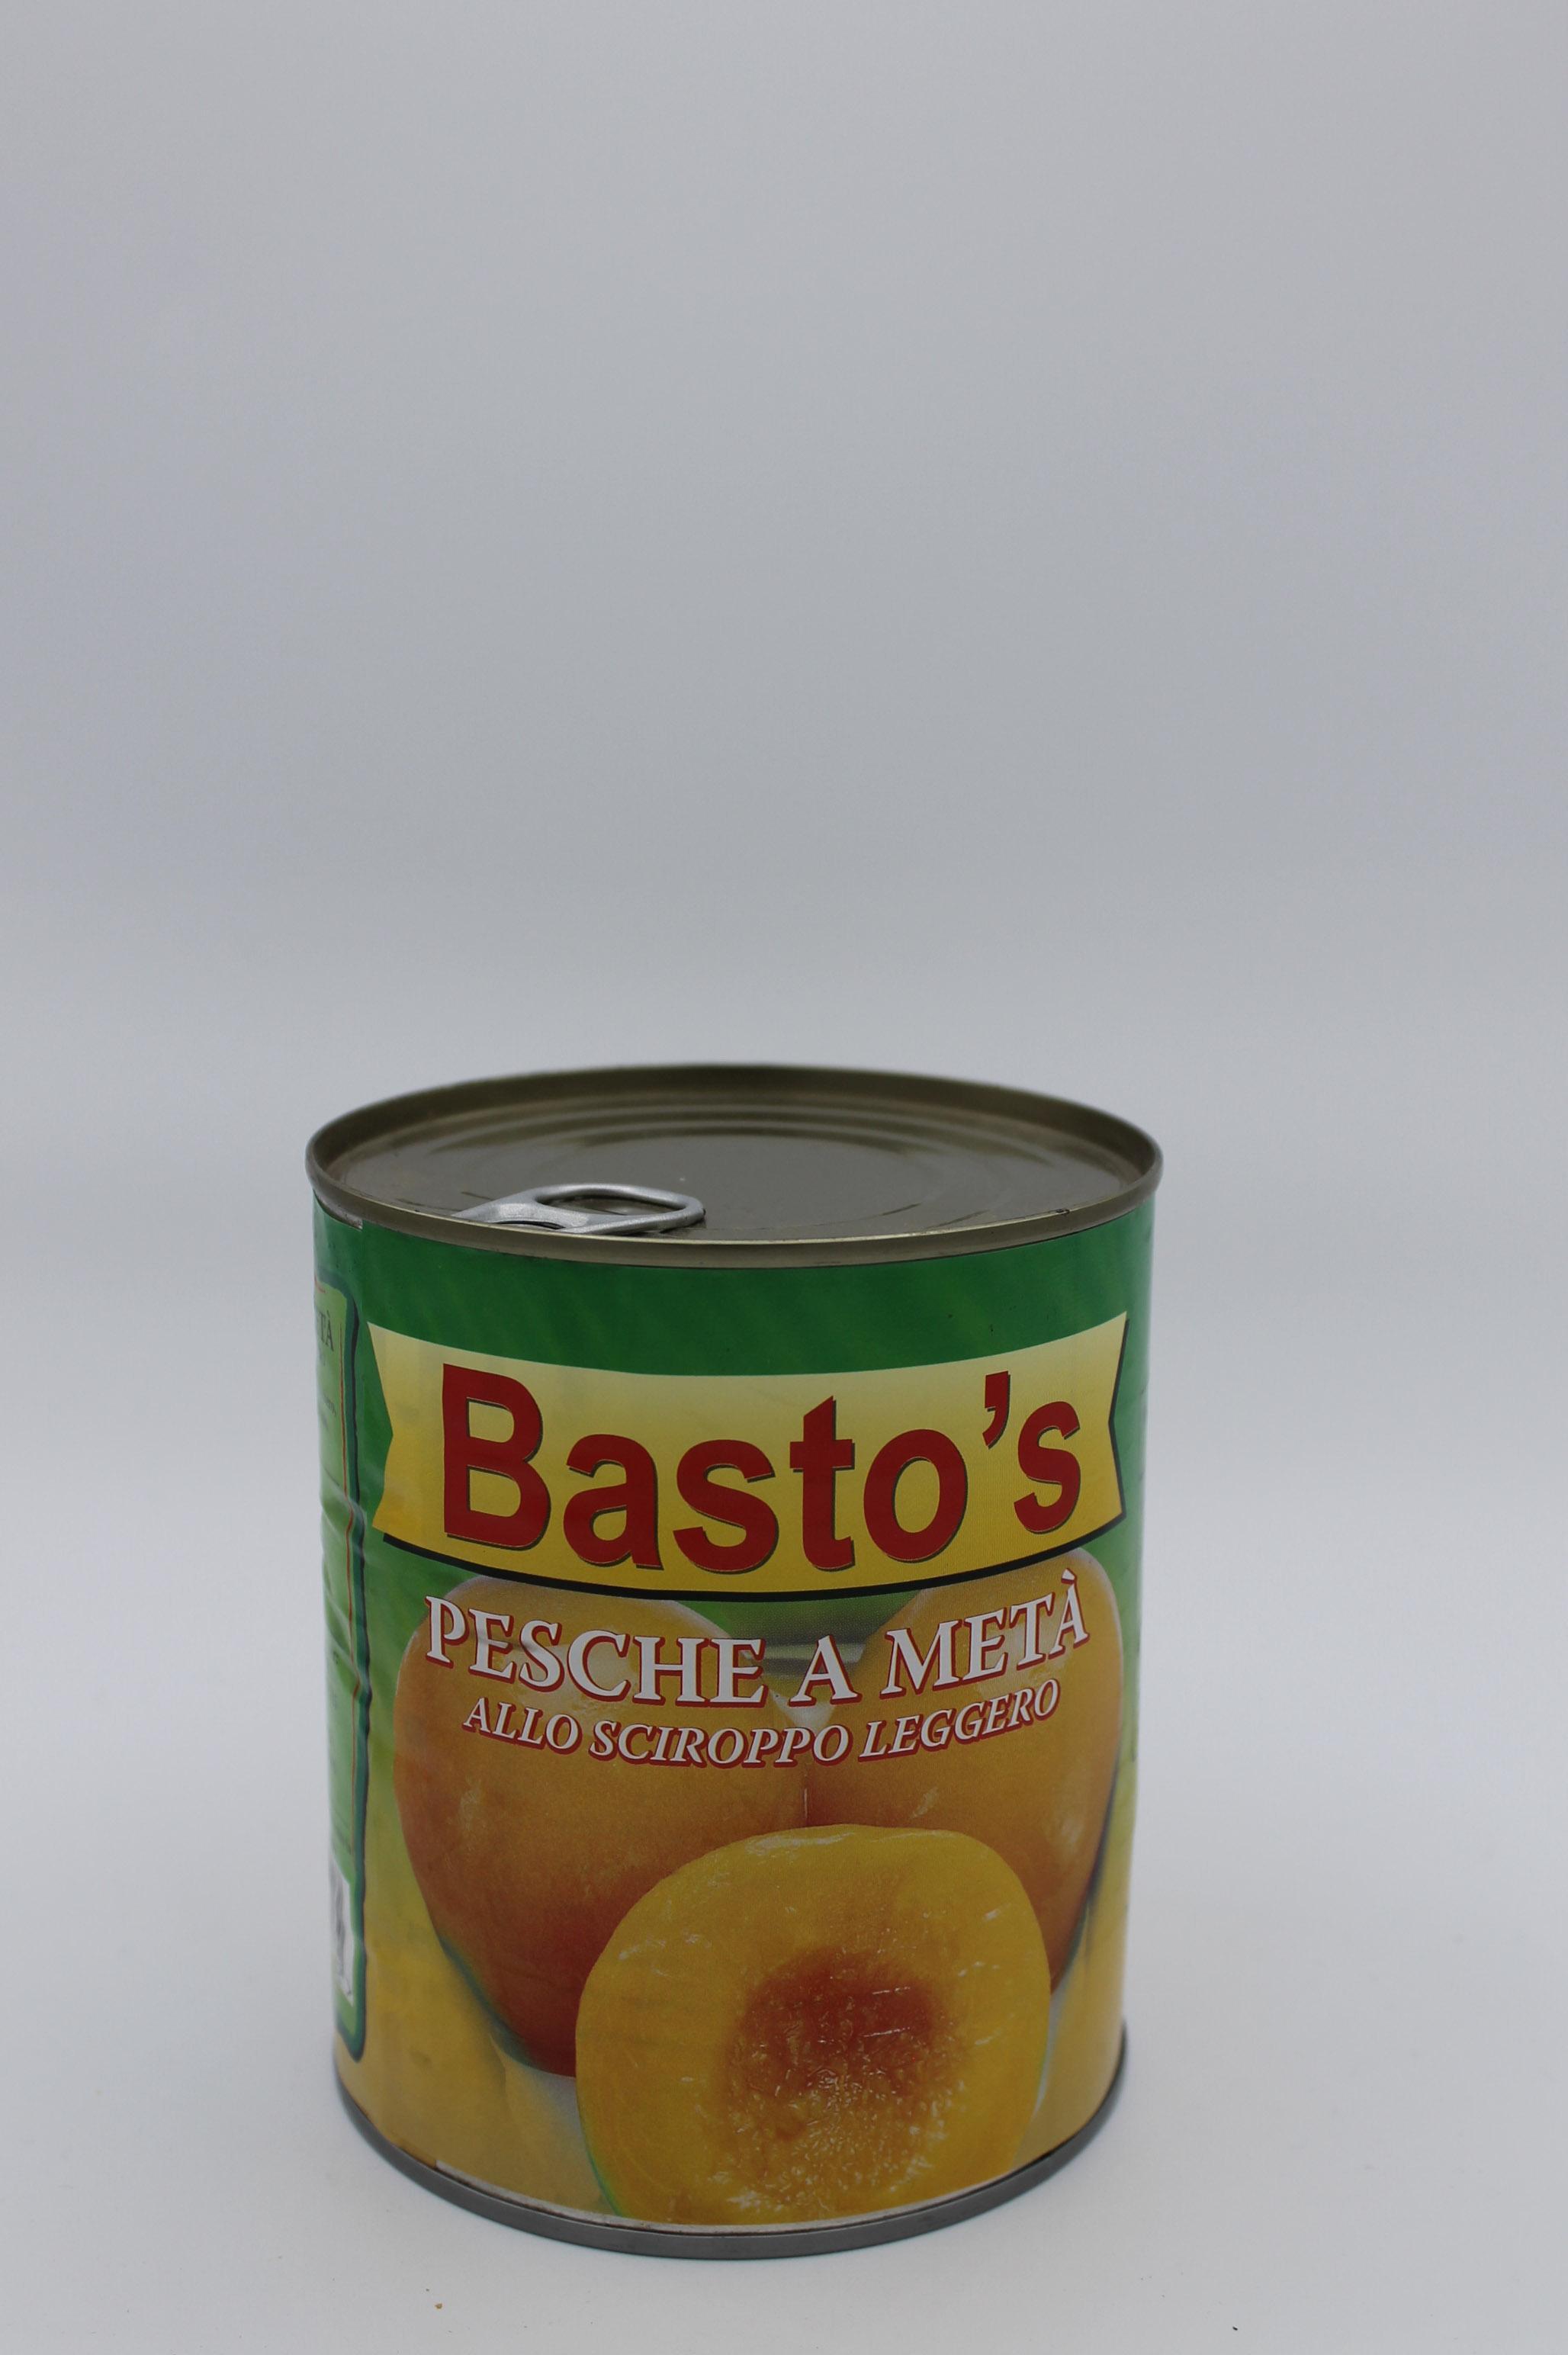 Basto's pesche sciroppate 822gr.